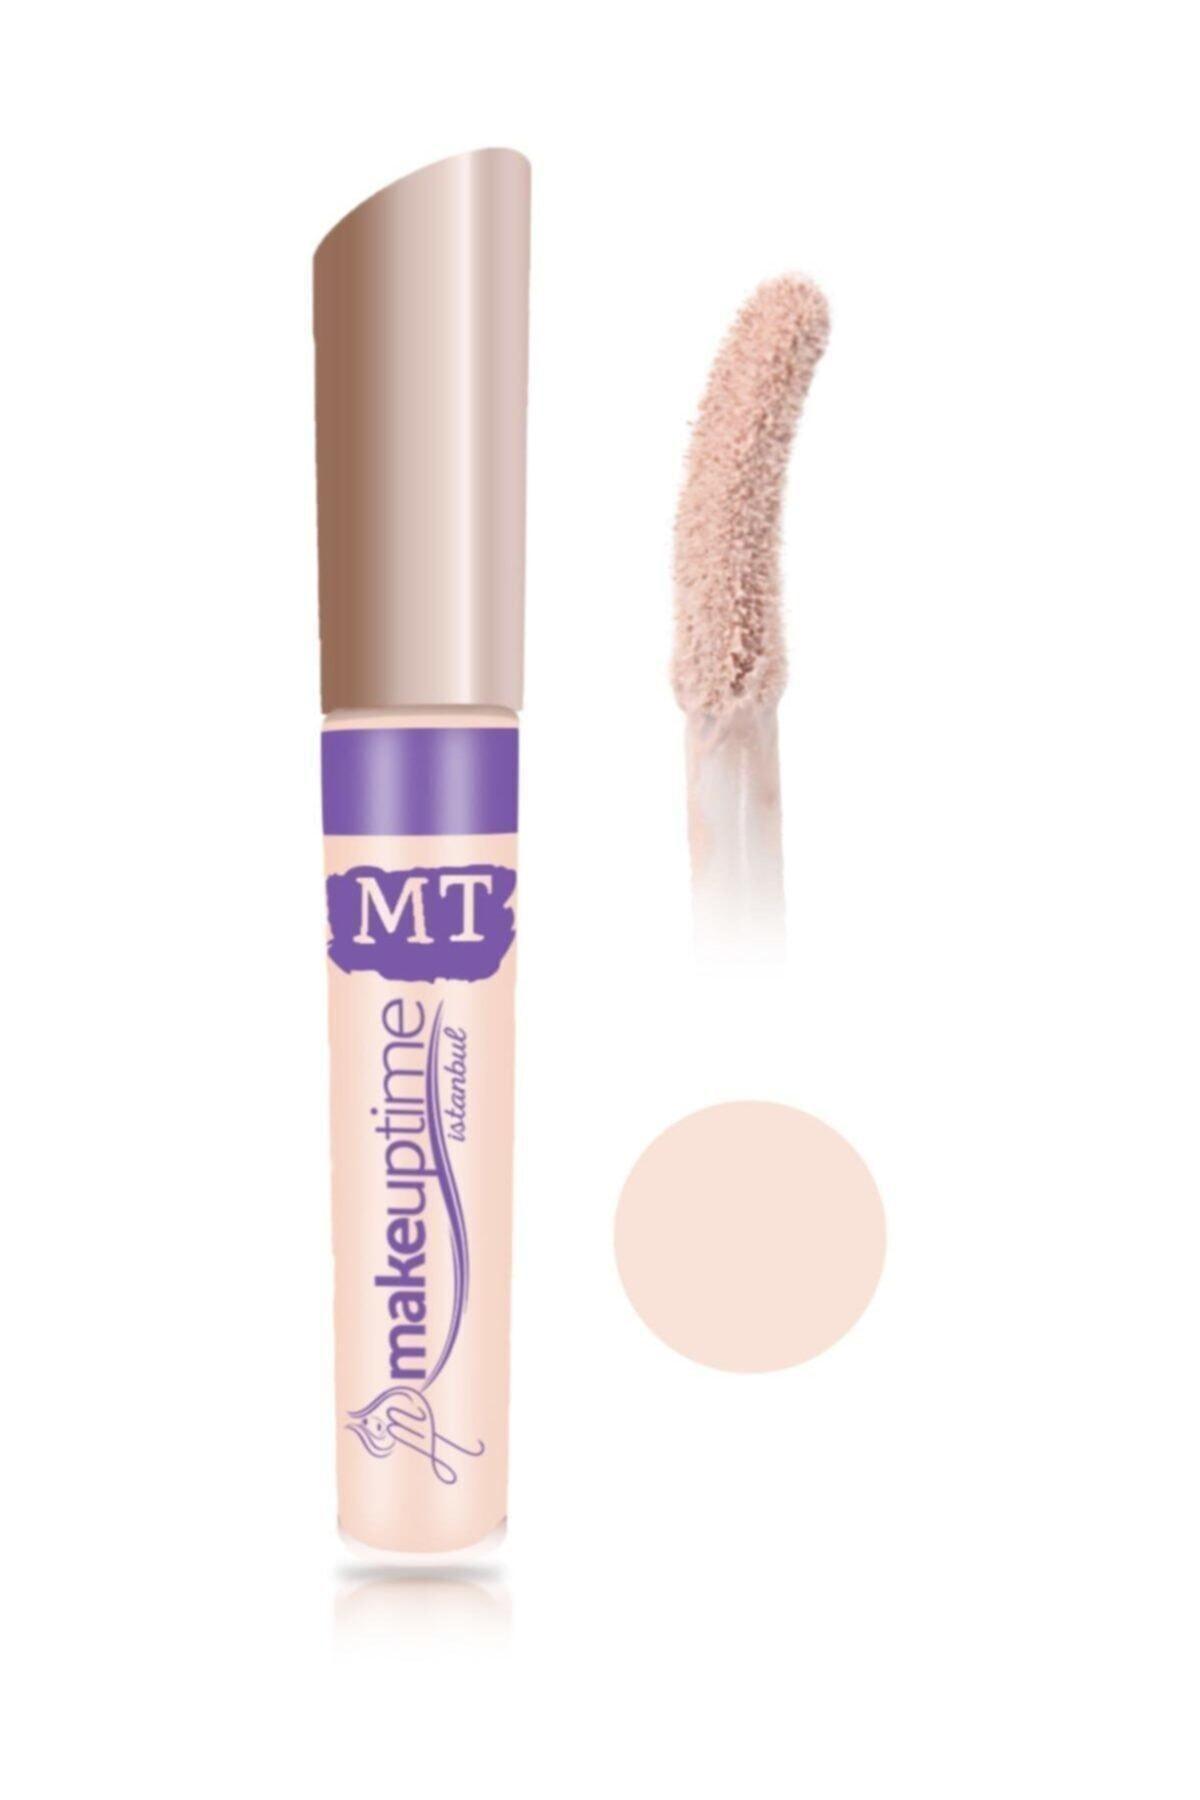 Makeuptime Göz Altı Likit Kapatıcı Orta Ton 10 ml 1